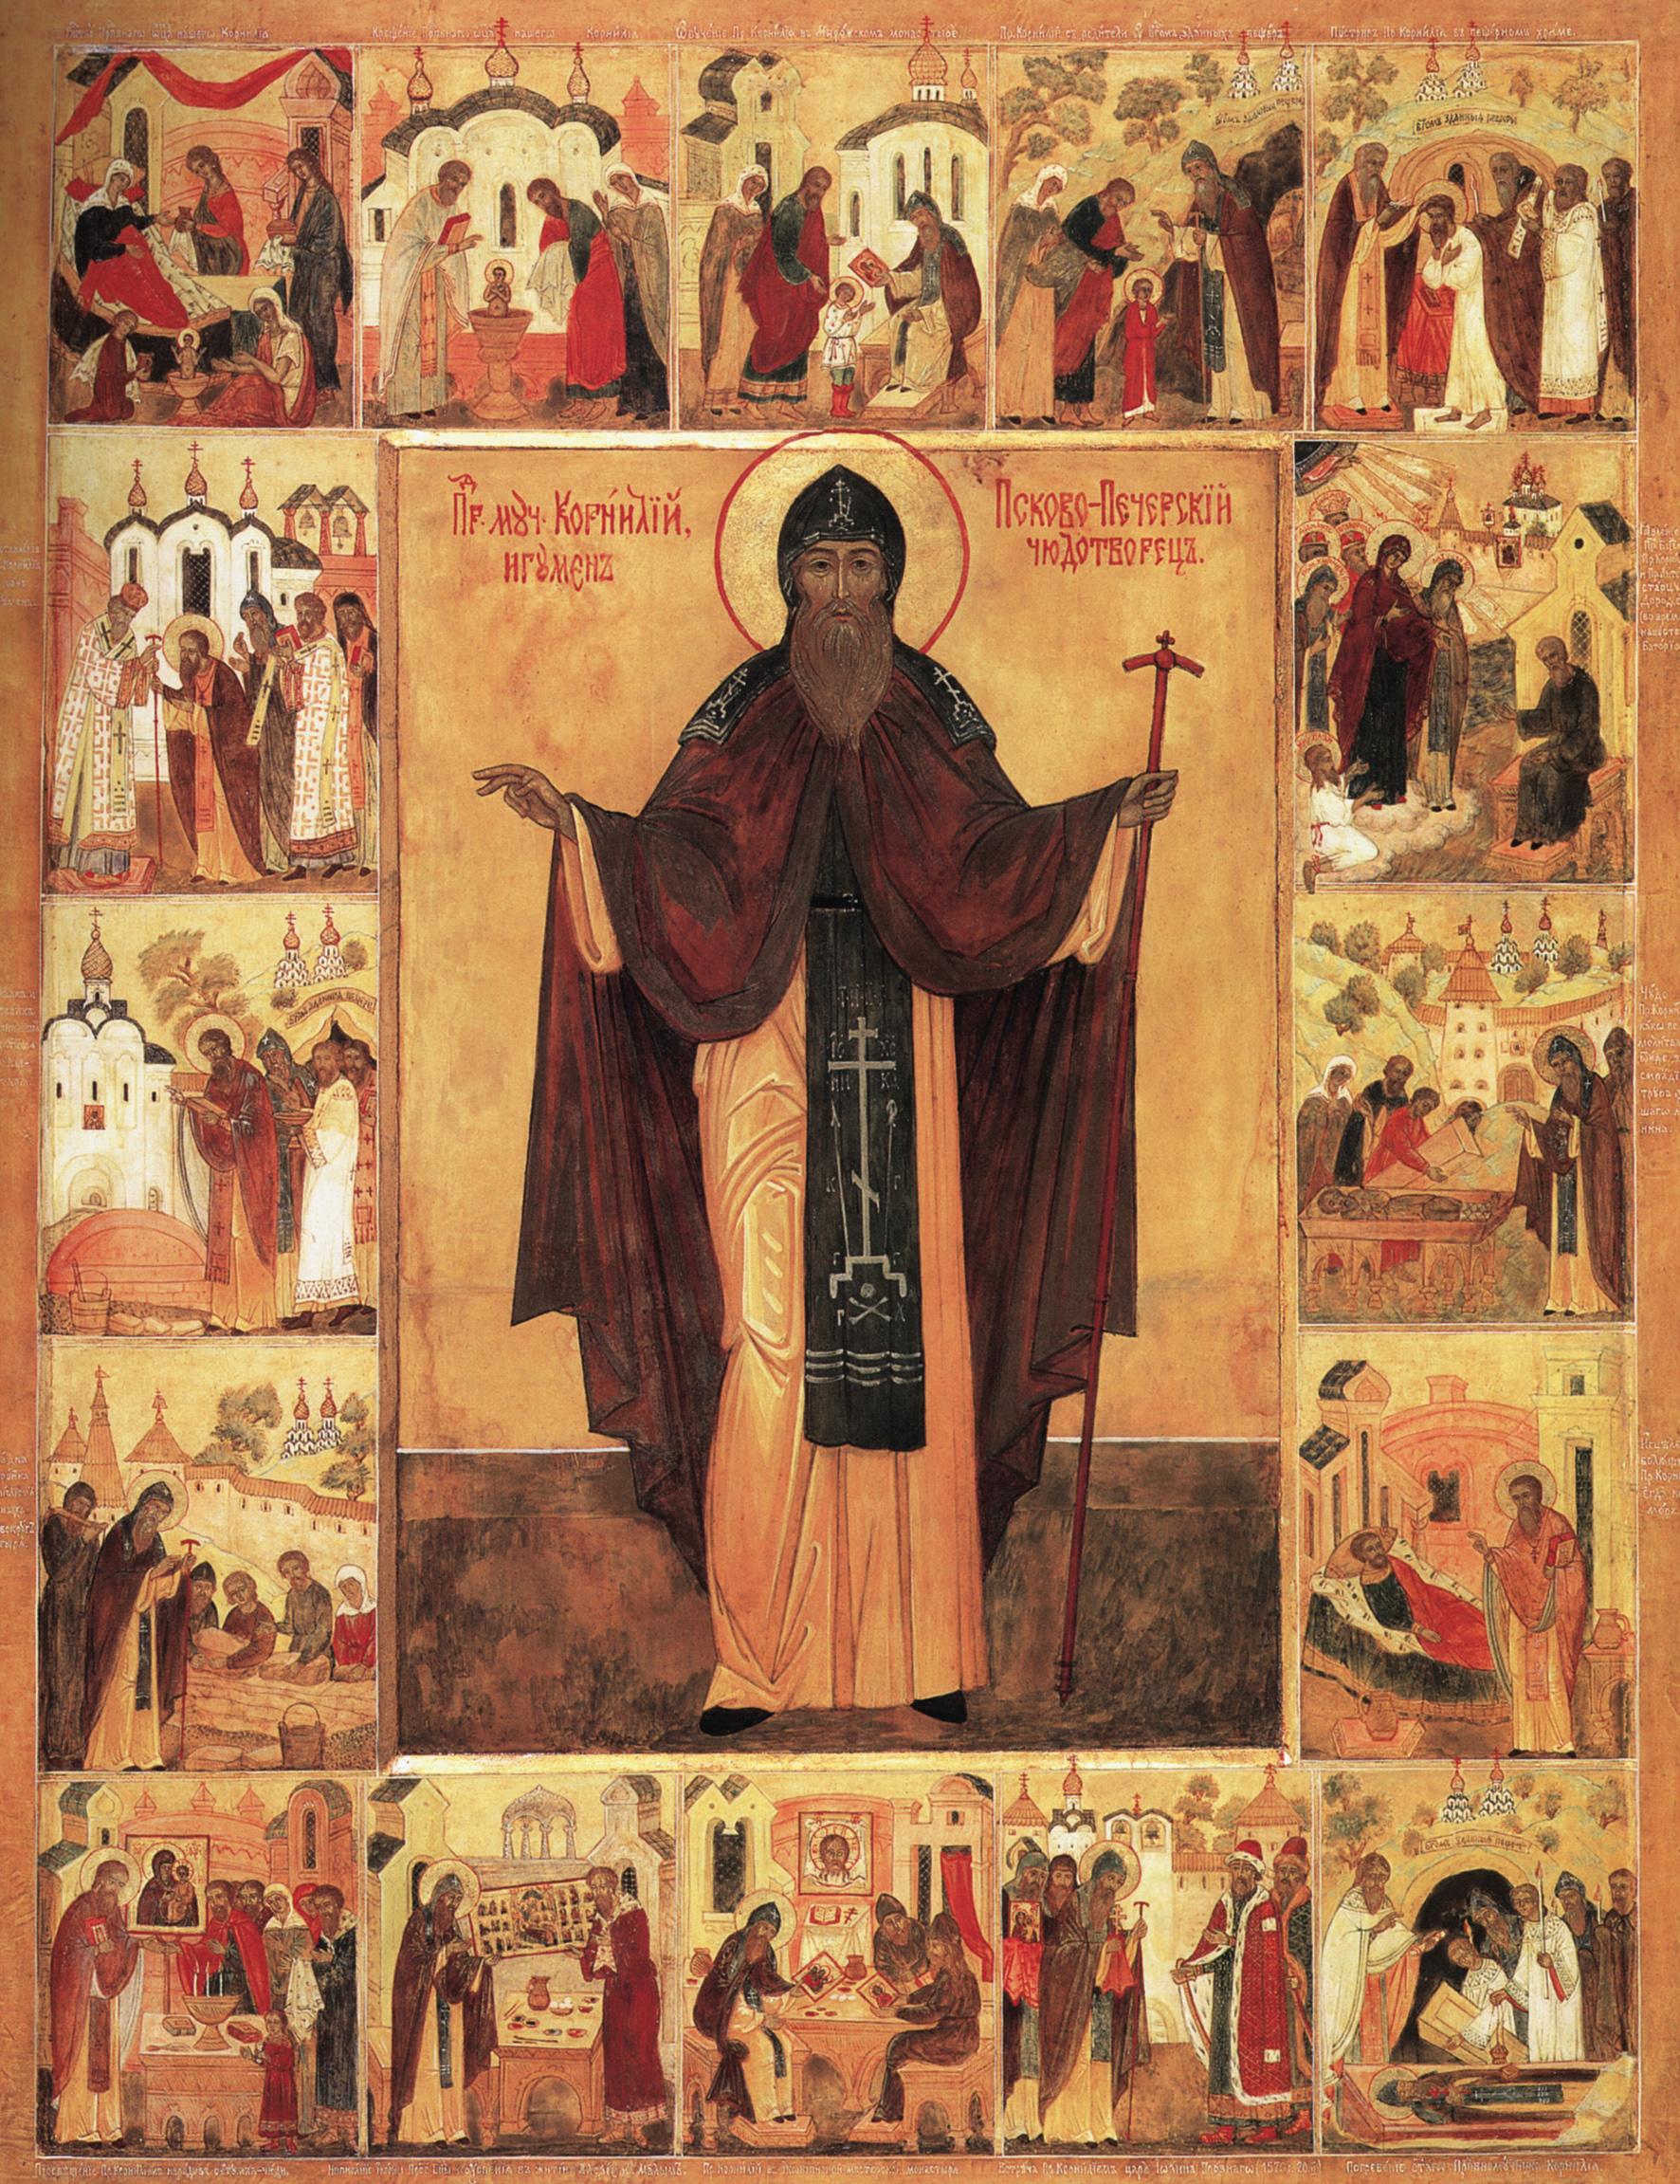 Картинки по запросу Житие преподобномученика Корнилия Псково-Печерского